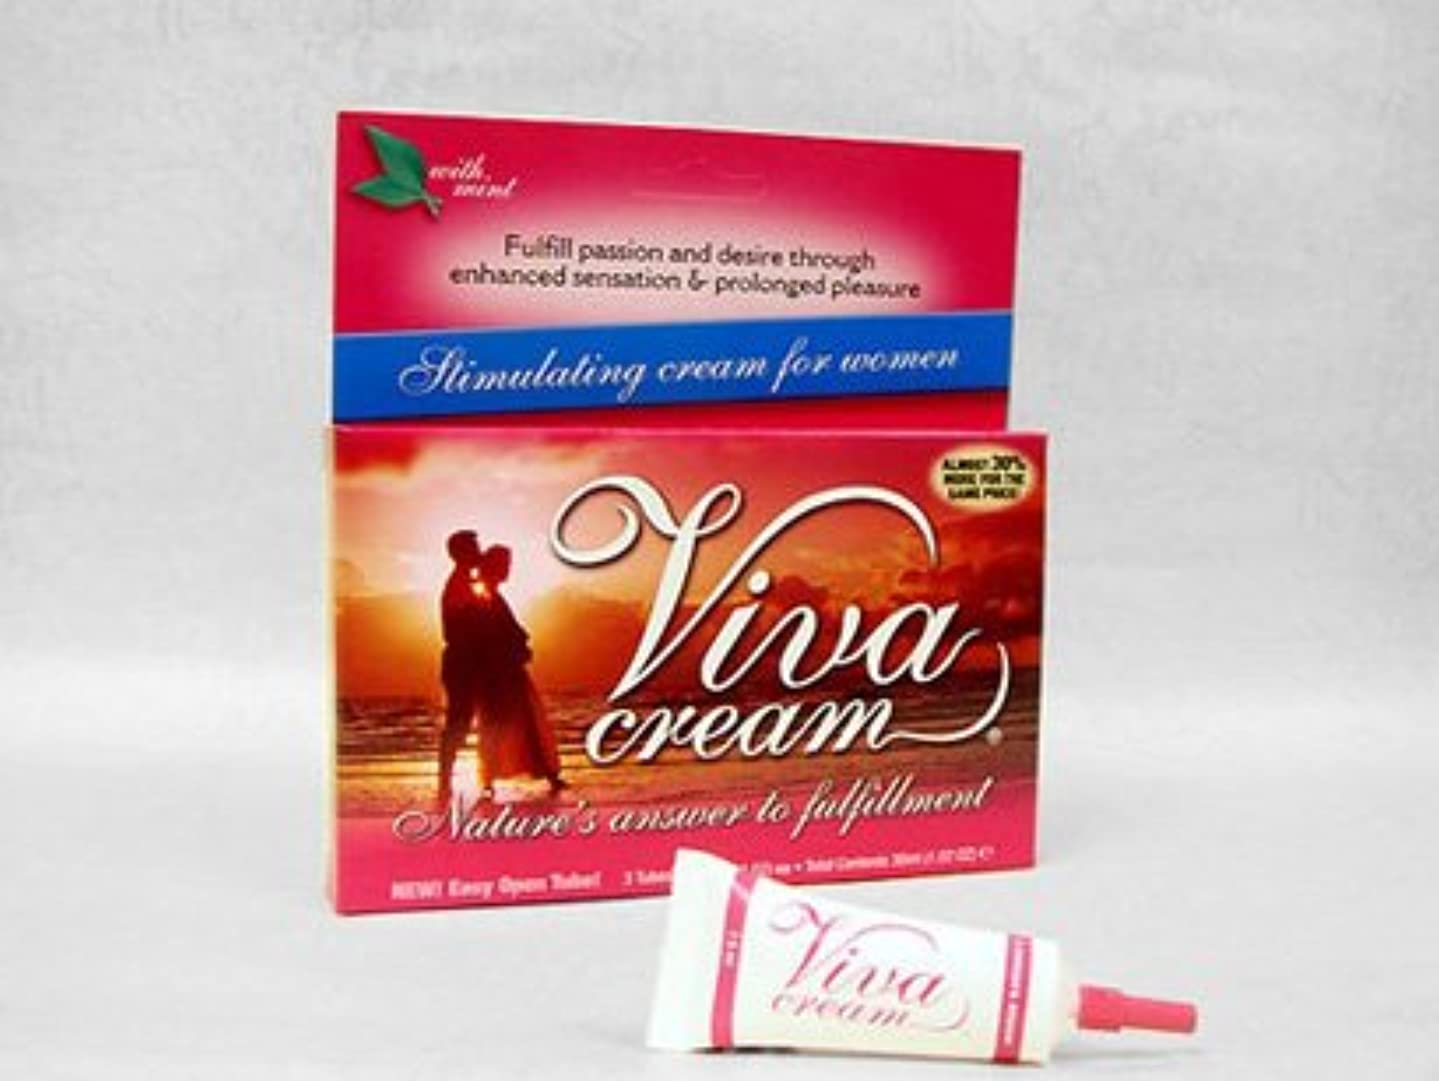 くびれた主流贈り物ビバクリーム Viva Cream (7.5ml) 3本セット